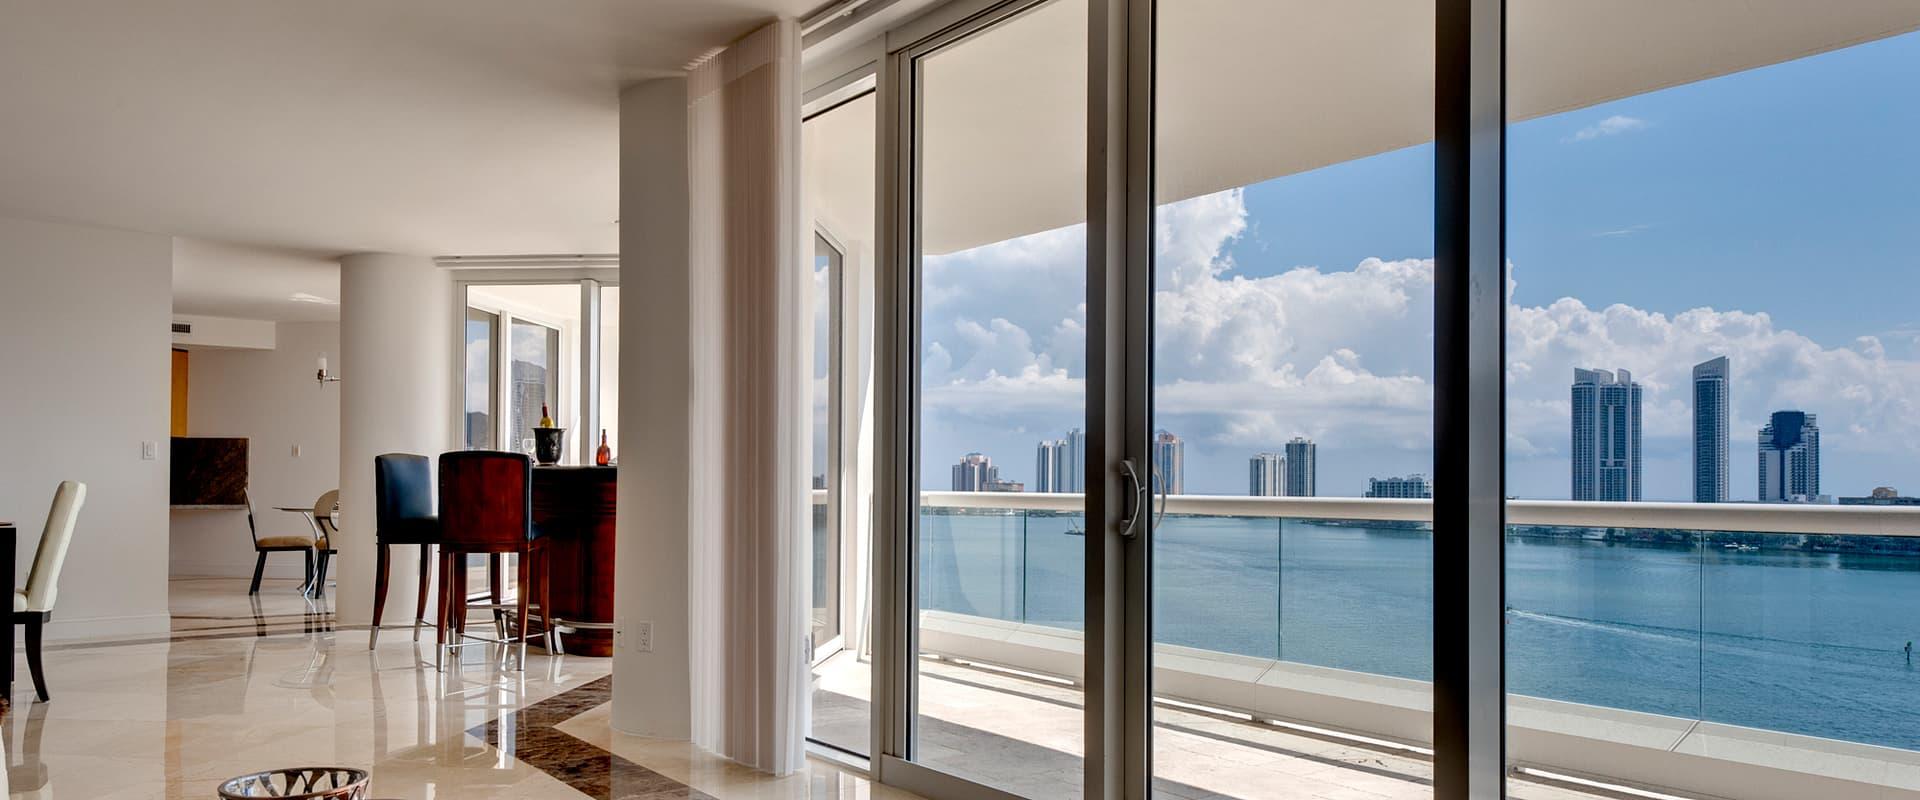 Najwyższa jakość okien i drzwi pcv i aluminium